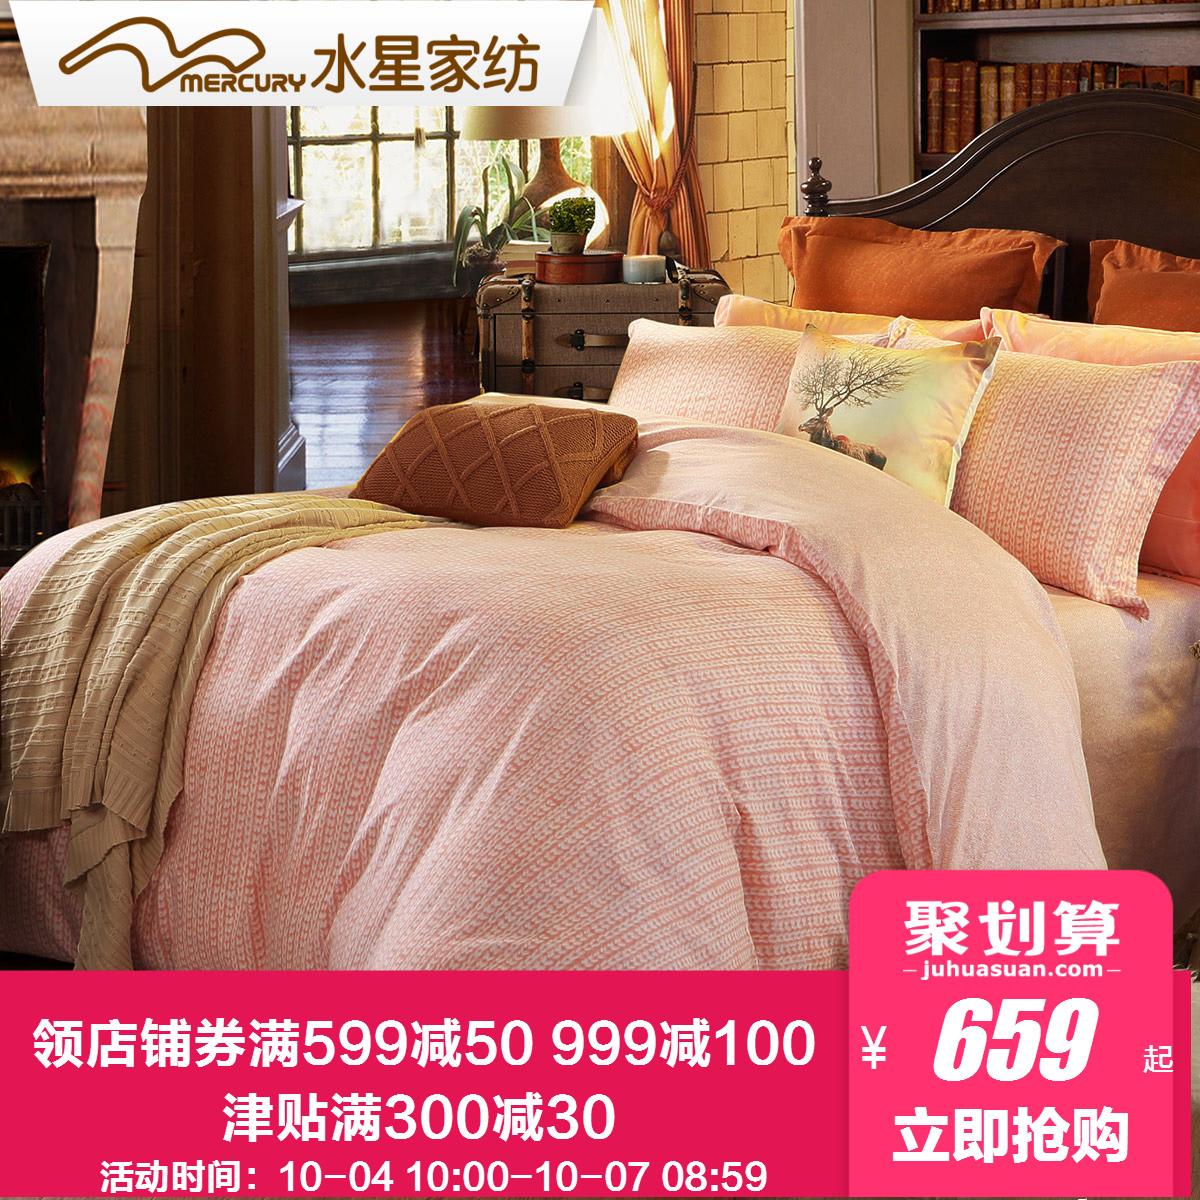 水星家纺磨毛纯棉四件套全棉双人简约素色加厚保暖被套床单暖馨